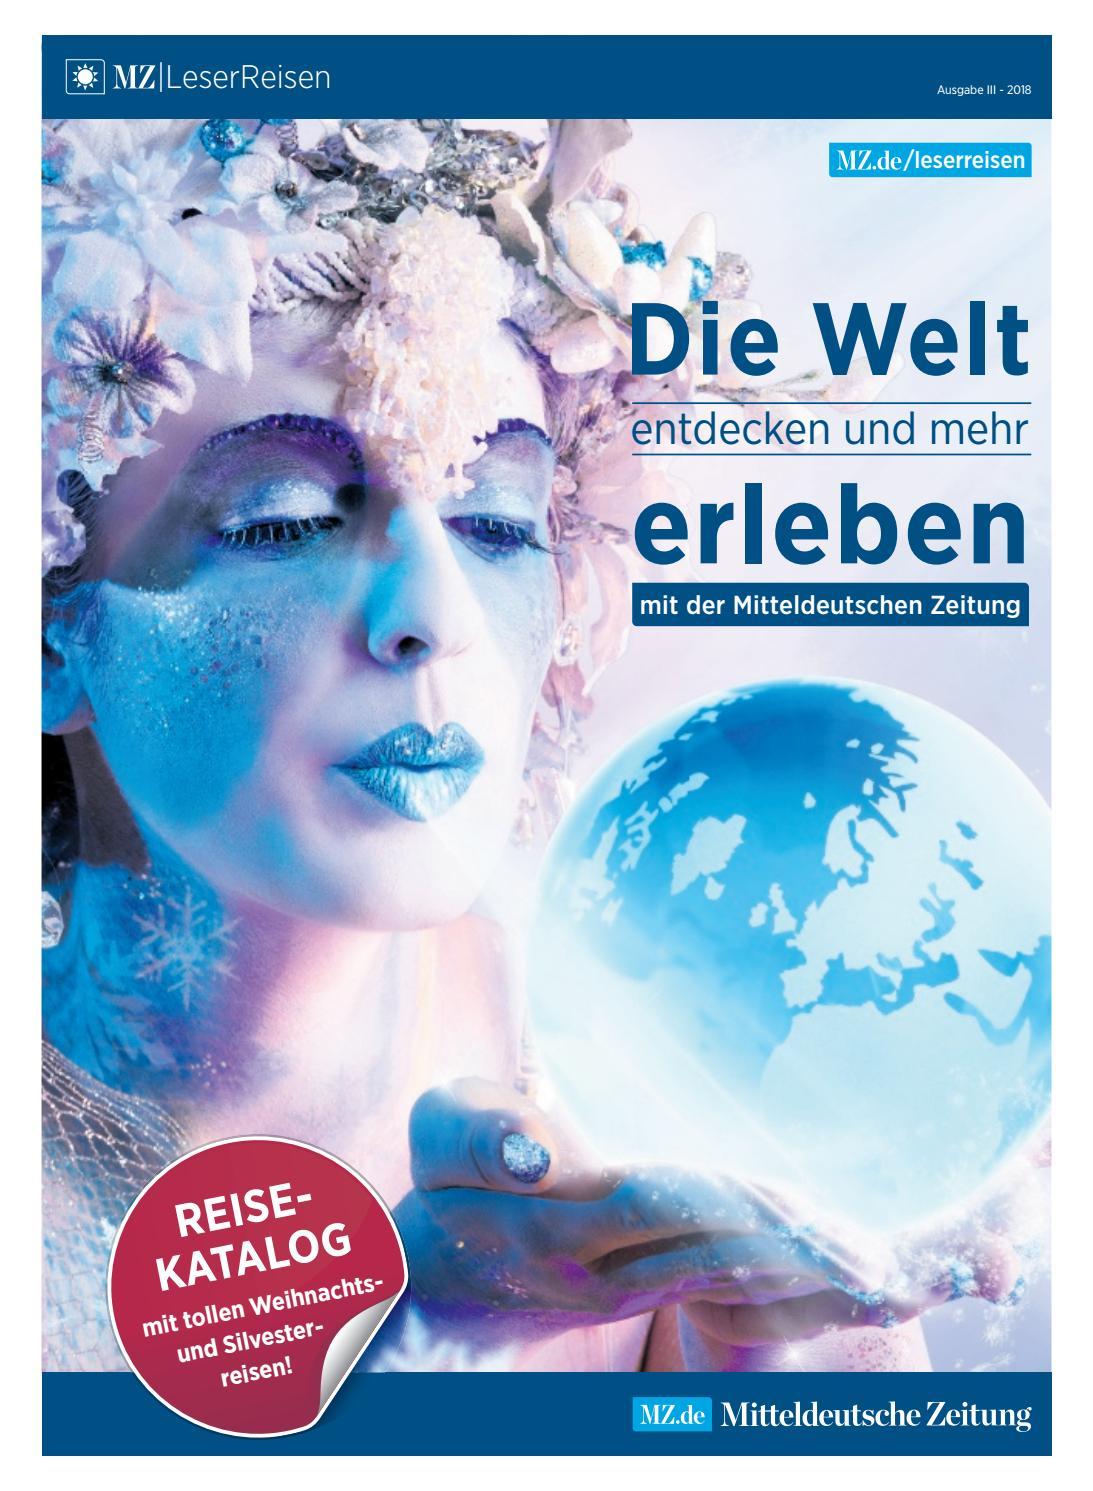 MZ Leserreisen III 2018 by Mediengruppe Mitteldeutsche Zeitung GmbH ...